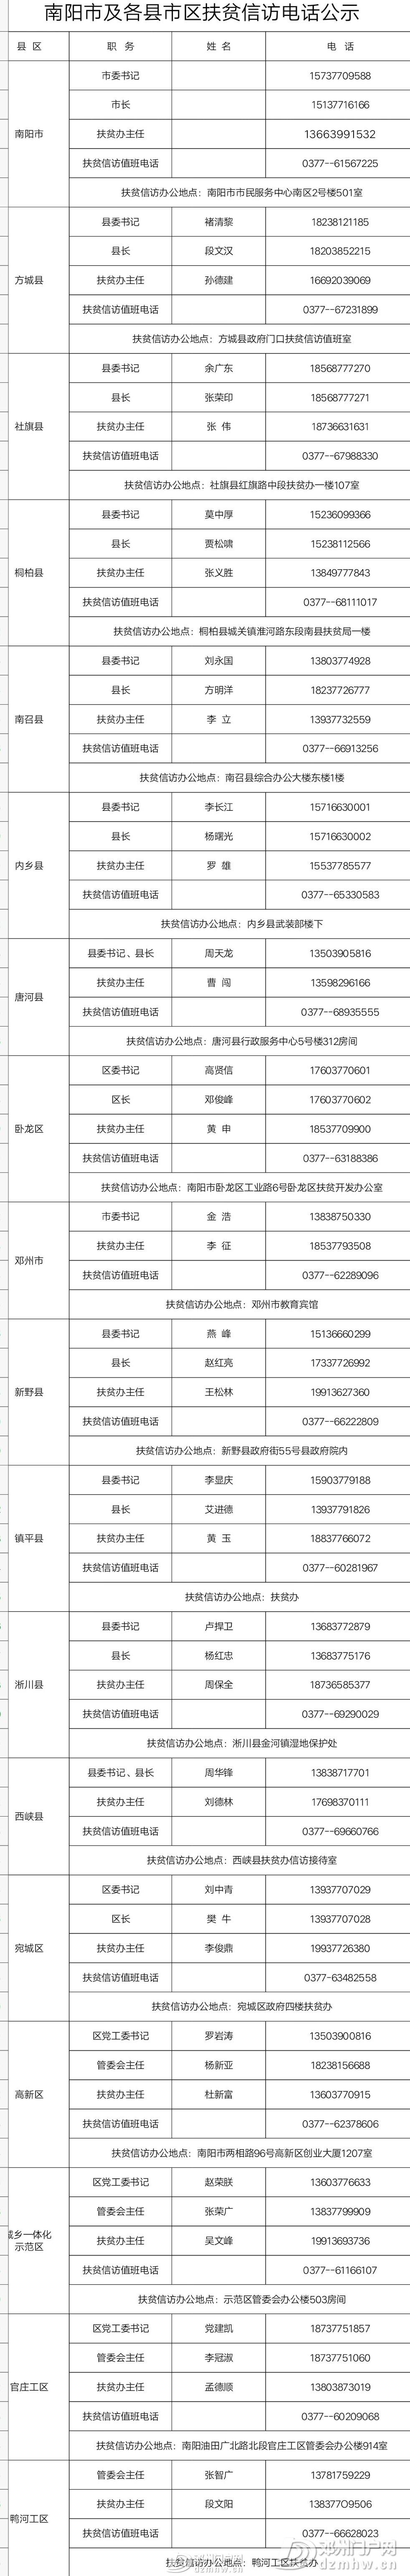 邓州市委书记金浩手机号码被南阳公布,因这项工作需要... - 邓州门户网 邓州网 - bfb716a65c7fff0a30c0aadcac60da61.jpg